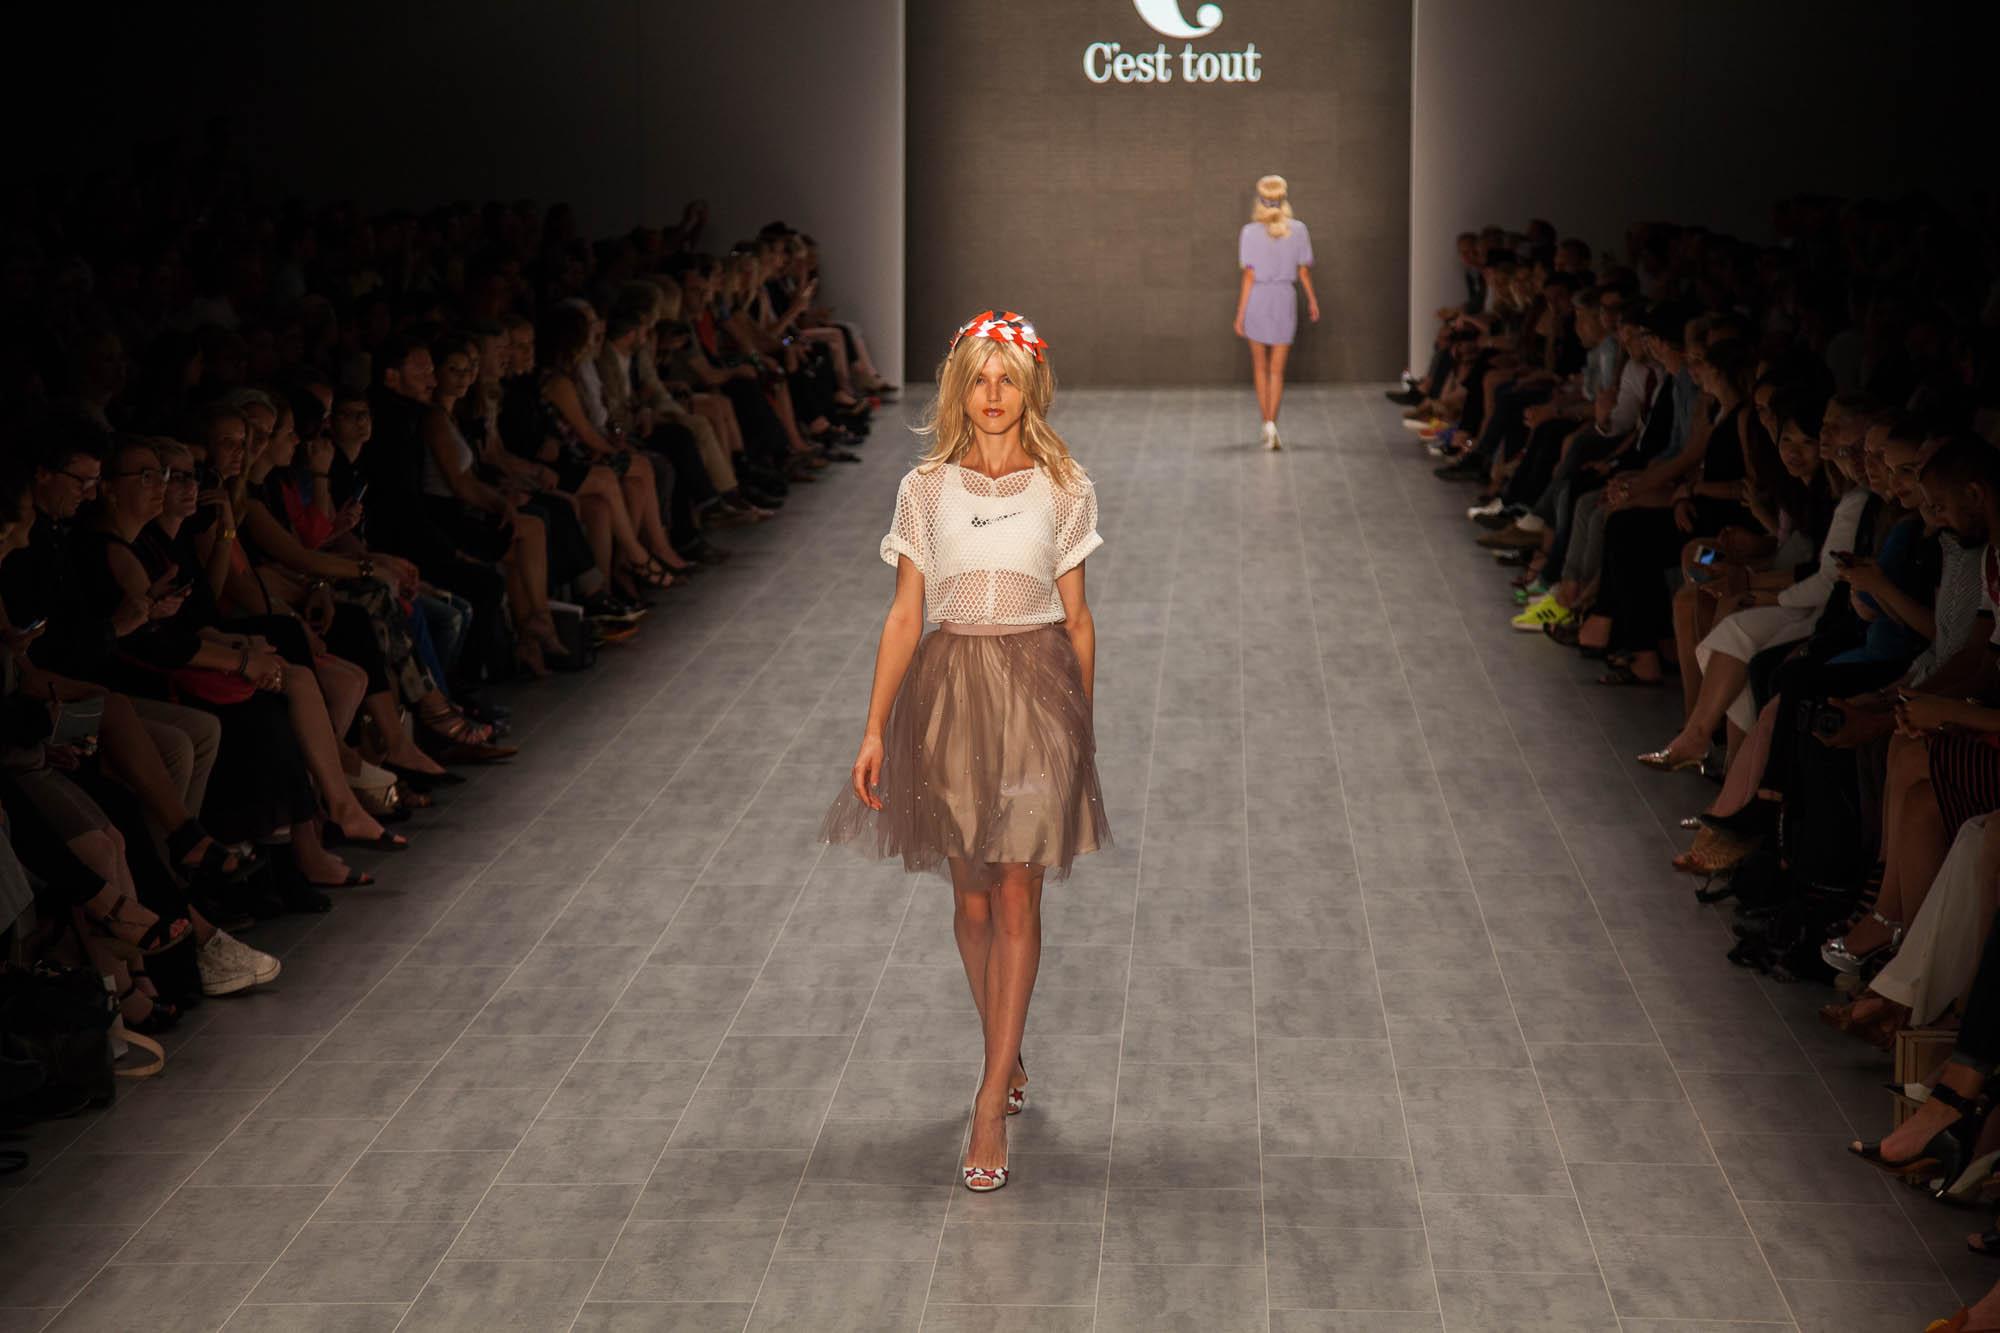 20140708-Fashionweek-cesttout-03